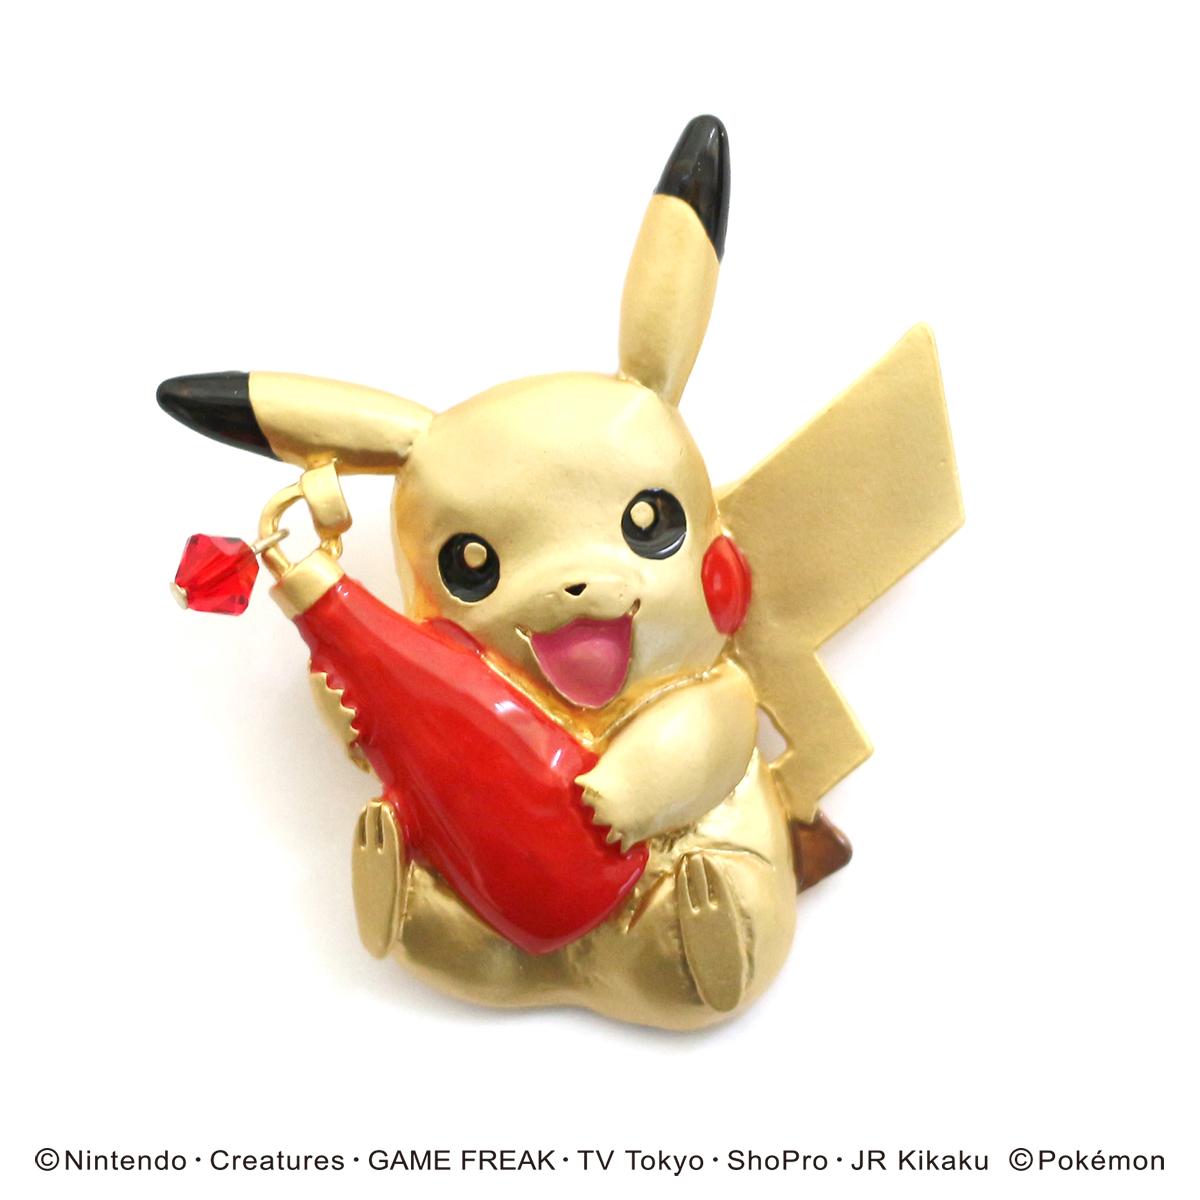 【スプリングセール】ピカチュウとケチャップ ブローチ / ピンブローチ【ポケモンシリーズ】